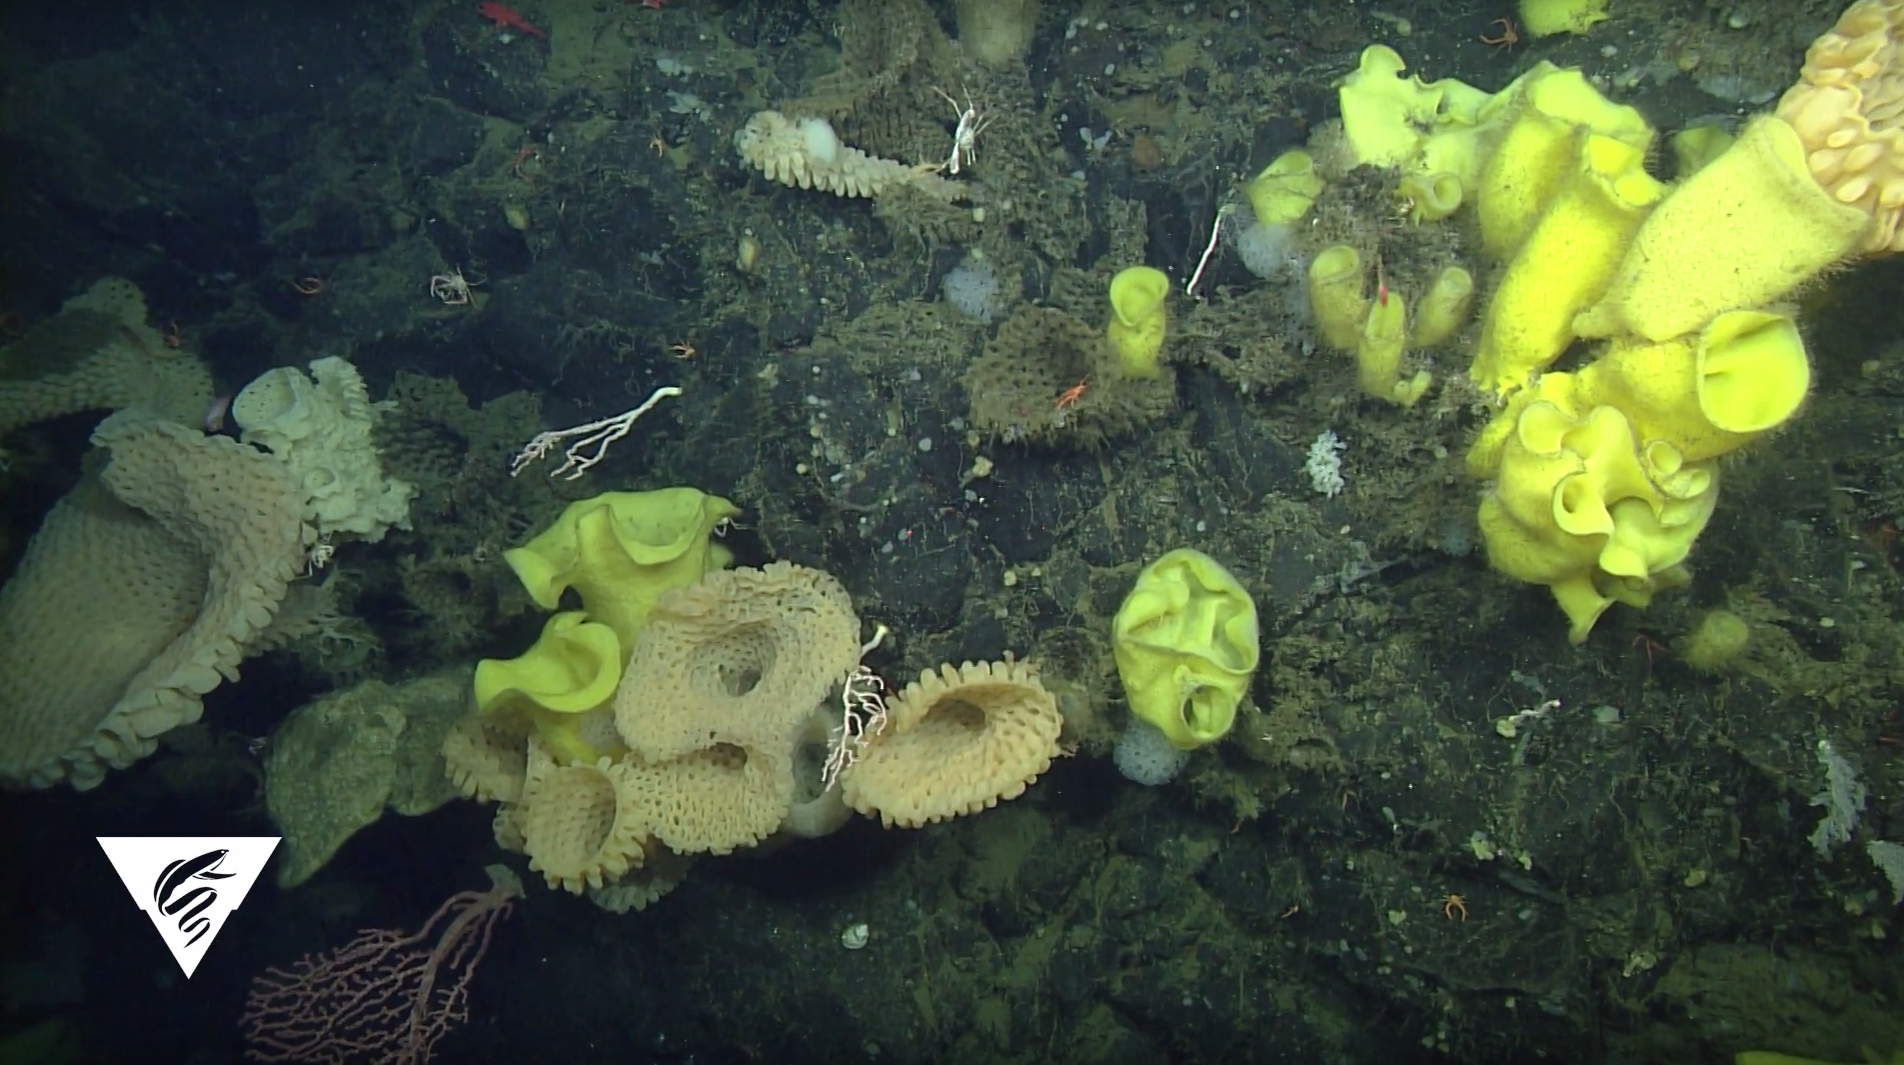 Sur Ridge sponges